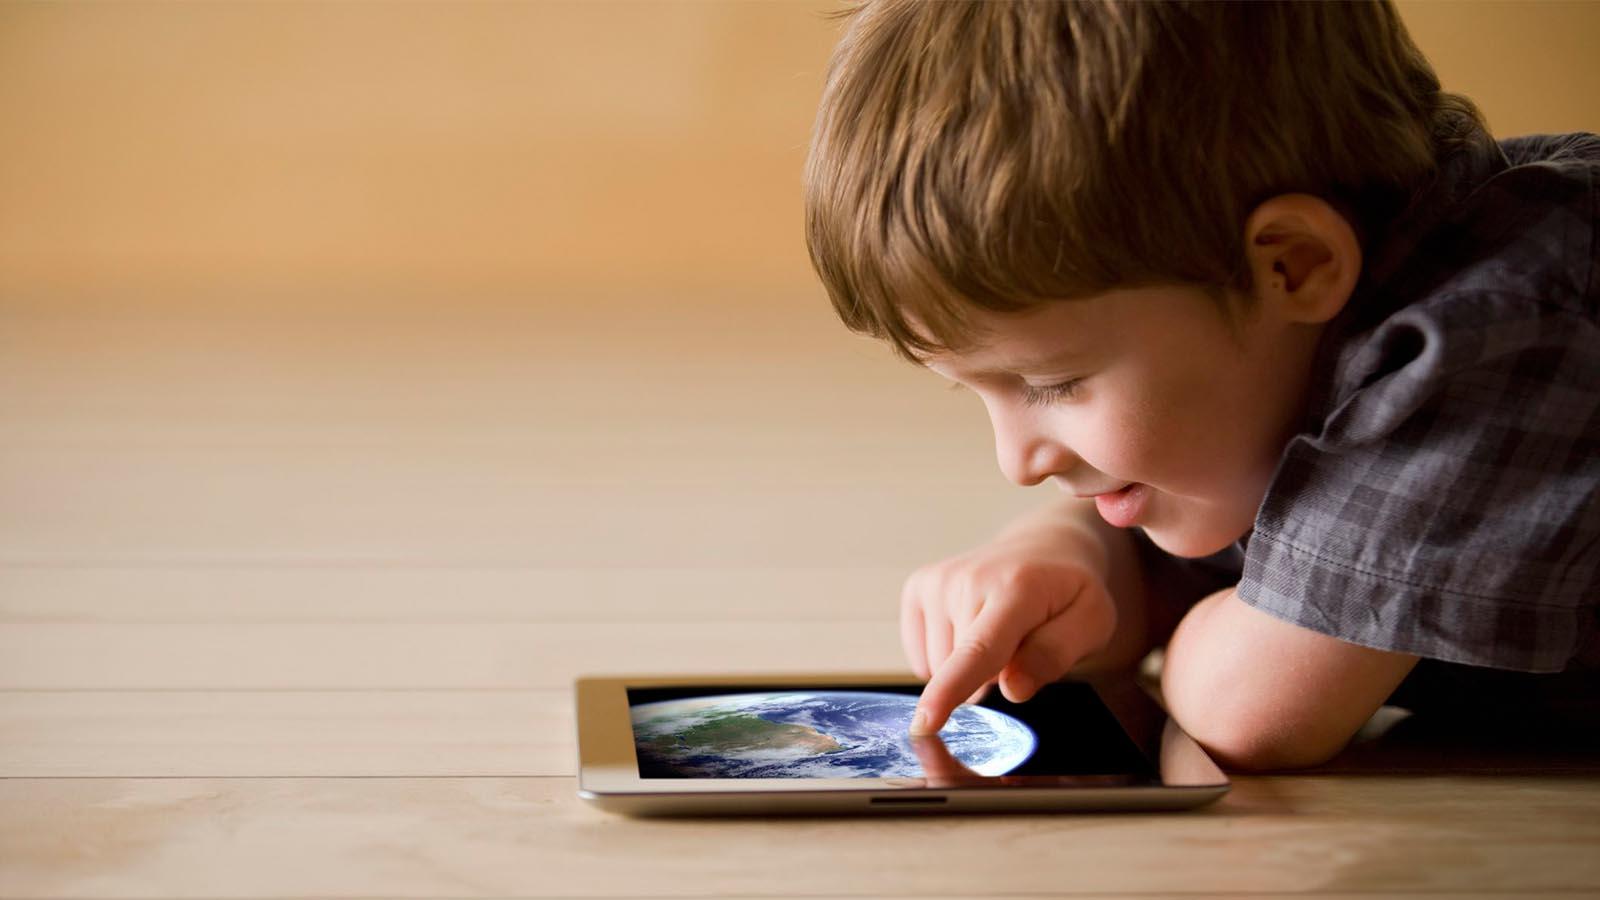 ماجرای سیمکارت مخصوص کودکان چیست؟